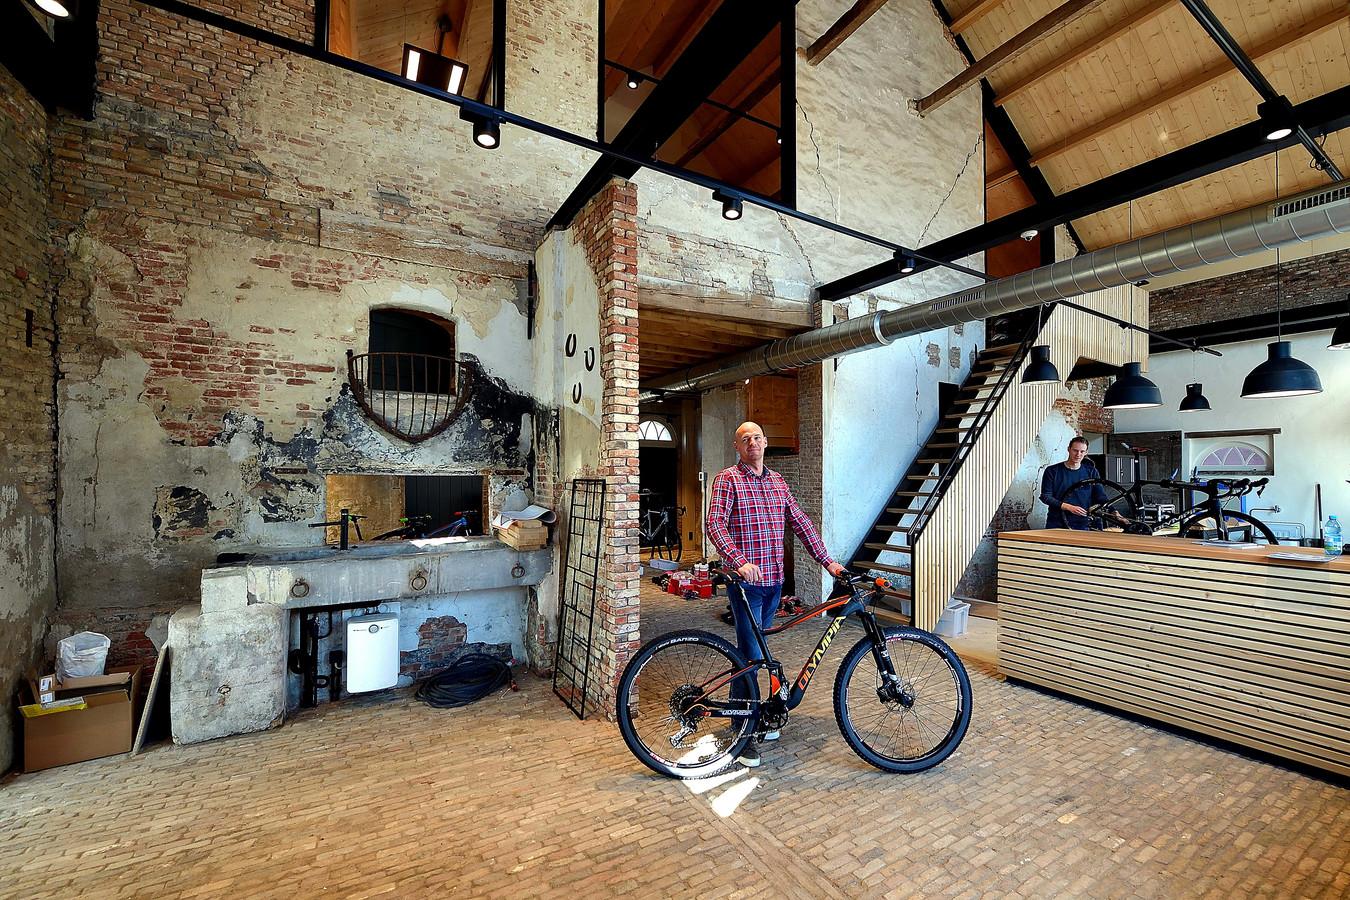 Fietsmanagers Sander Habes(l) en Ralph Luijsterburg(r) in de fietswinkel in het opgeknapte oude koetshuis.